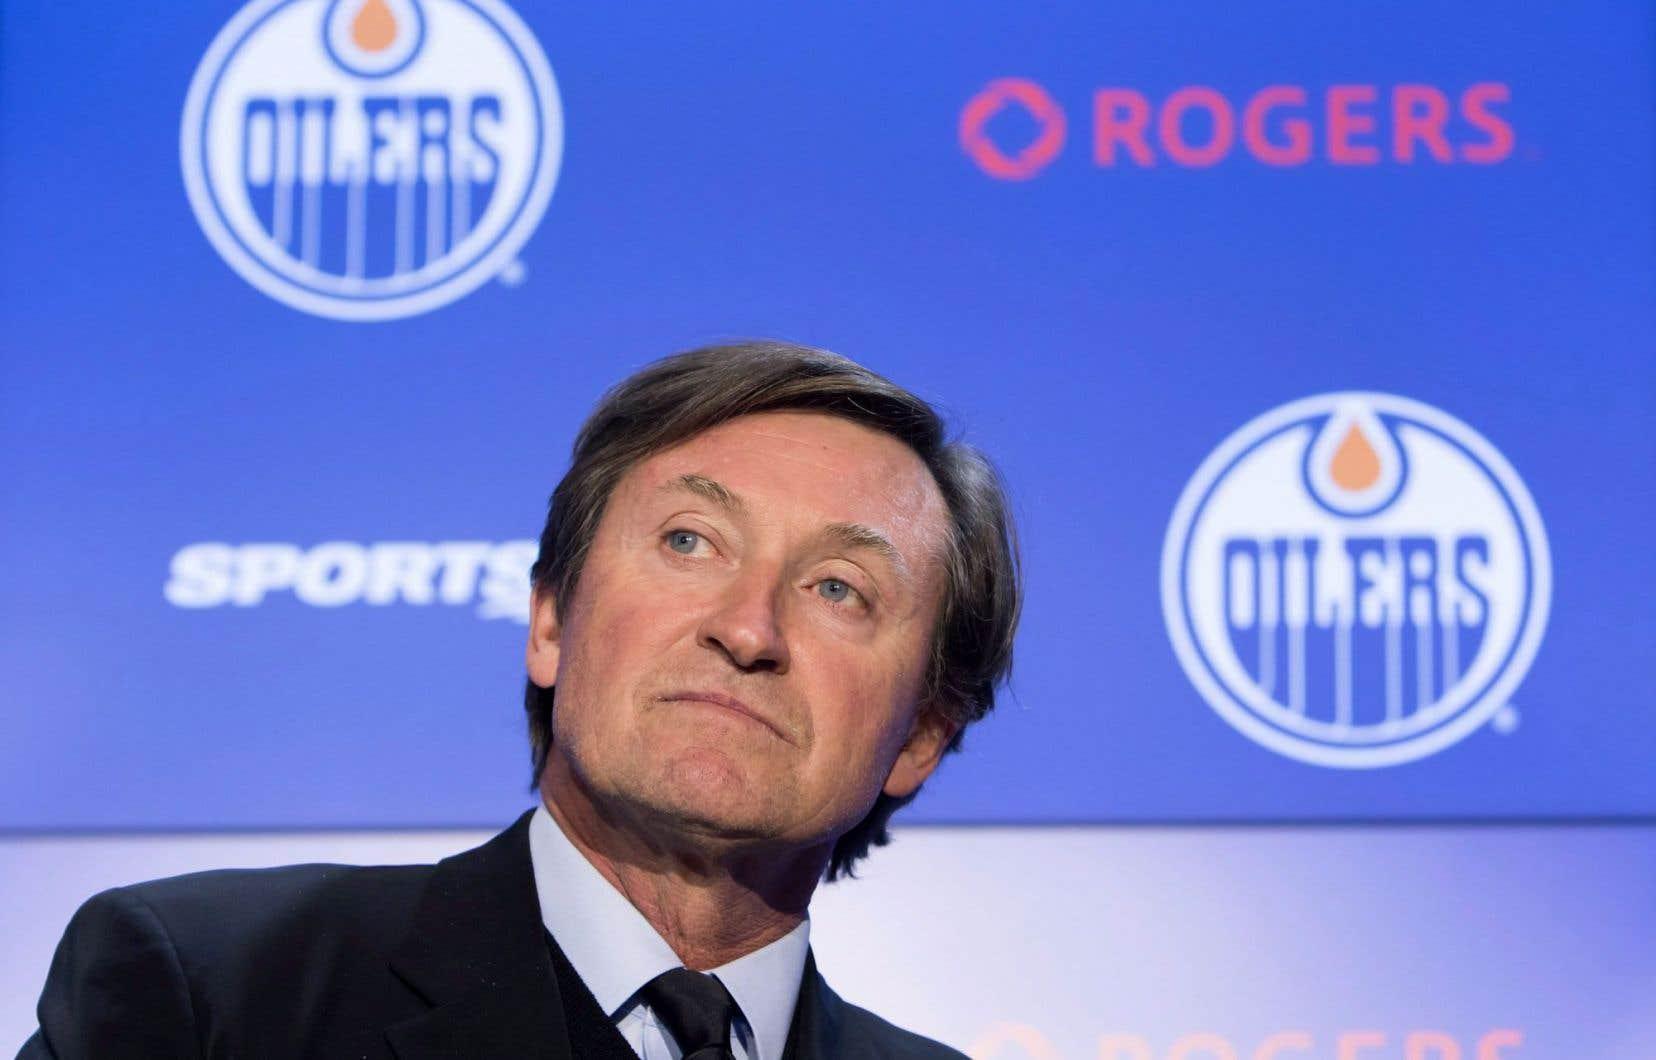 C'est maintenant à McDavid, récemment nommé capitaine des Oilers, de bien exploiter son potentiel, croit Wayne Gretzky.